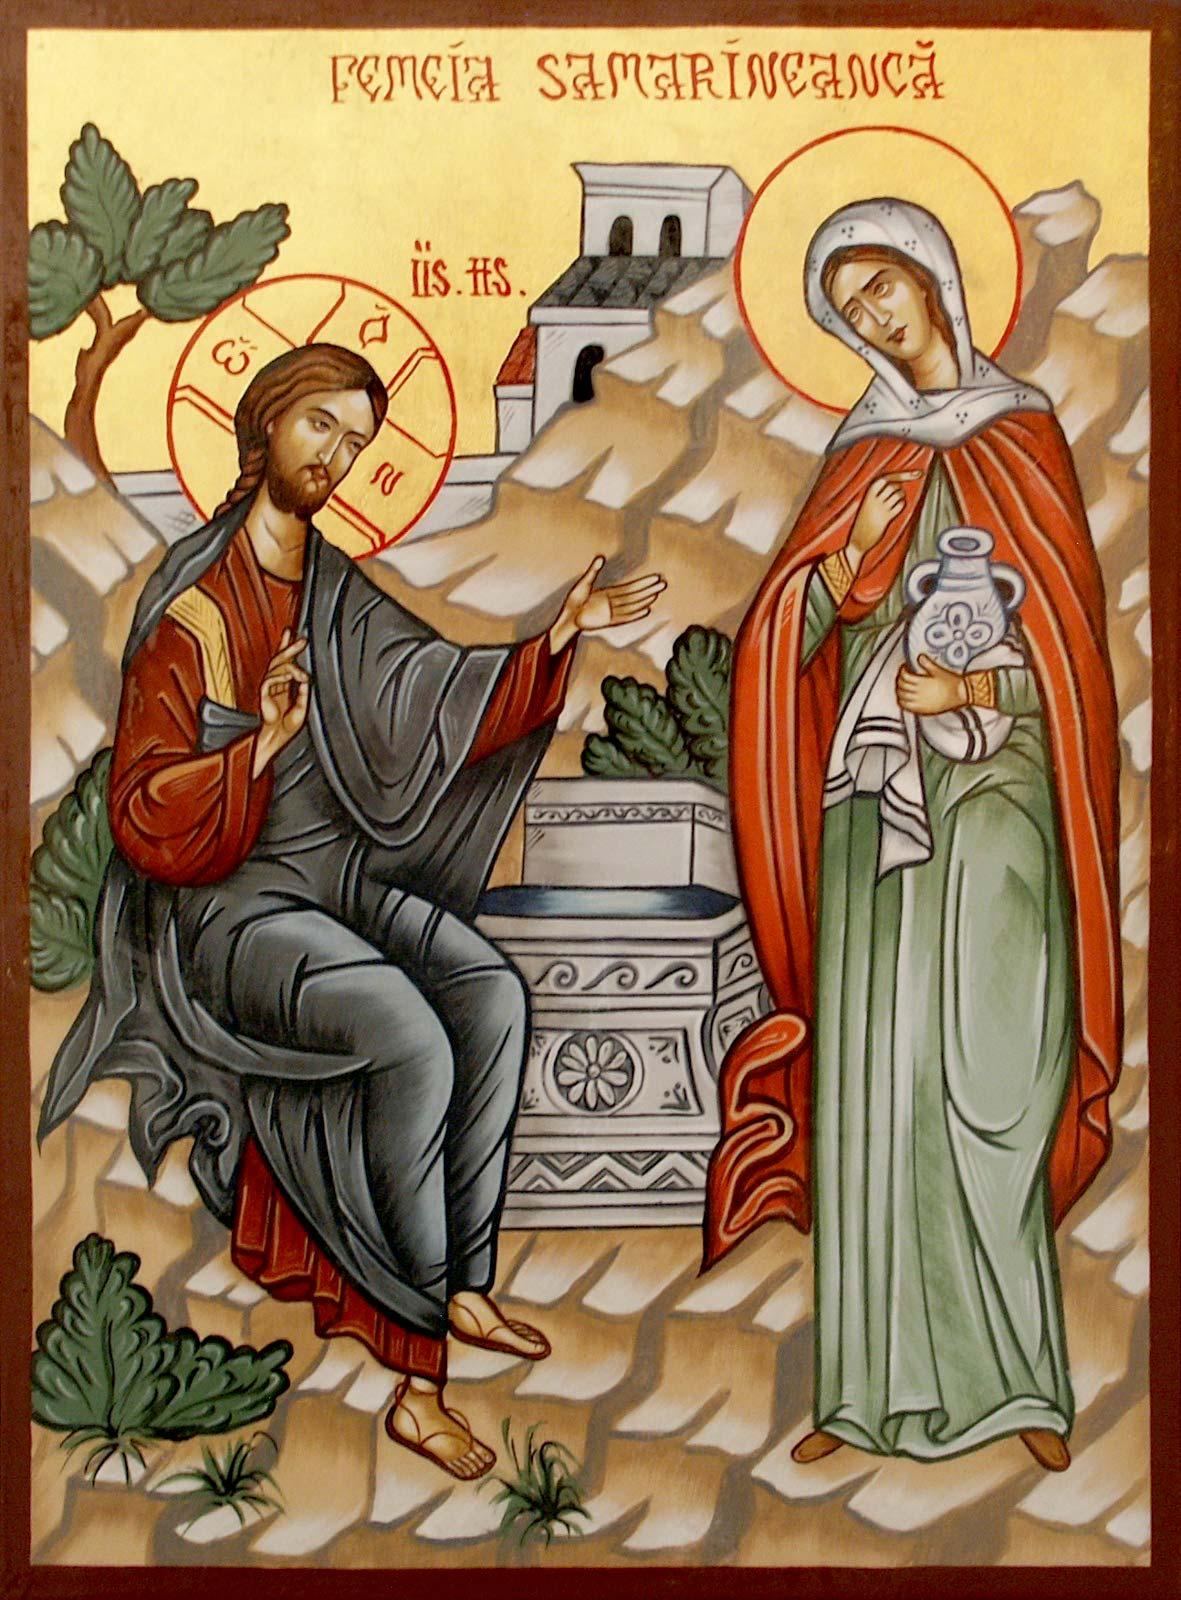 Evanghelia despre dătătorul de apă vie şi femeia samarineancă